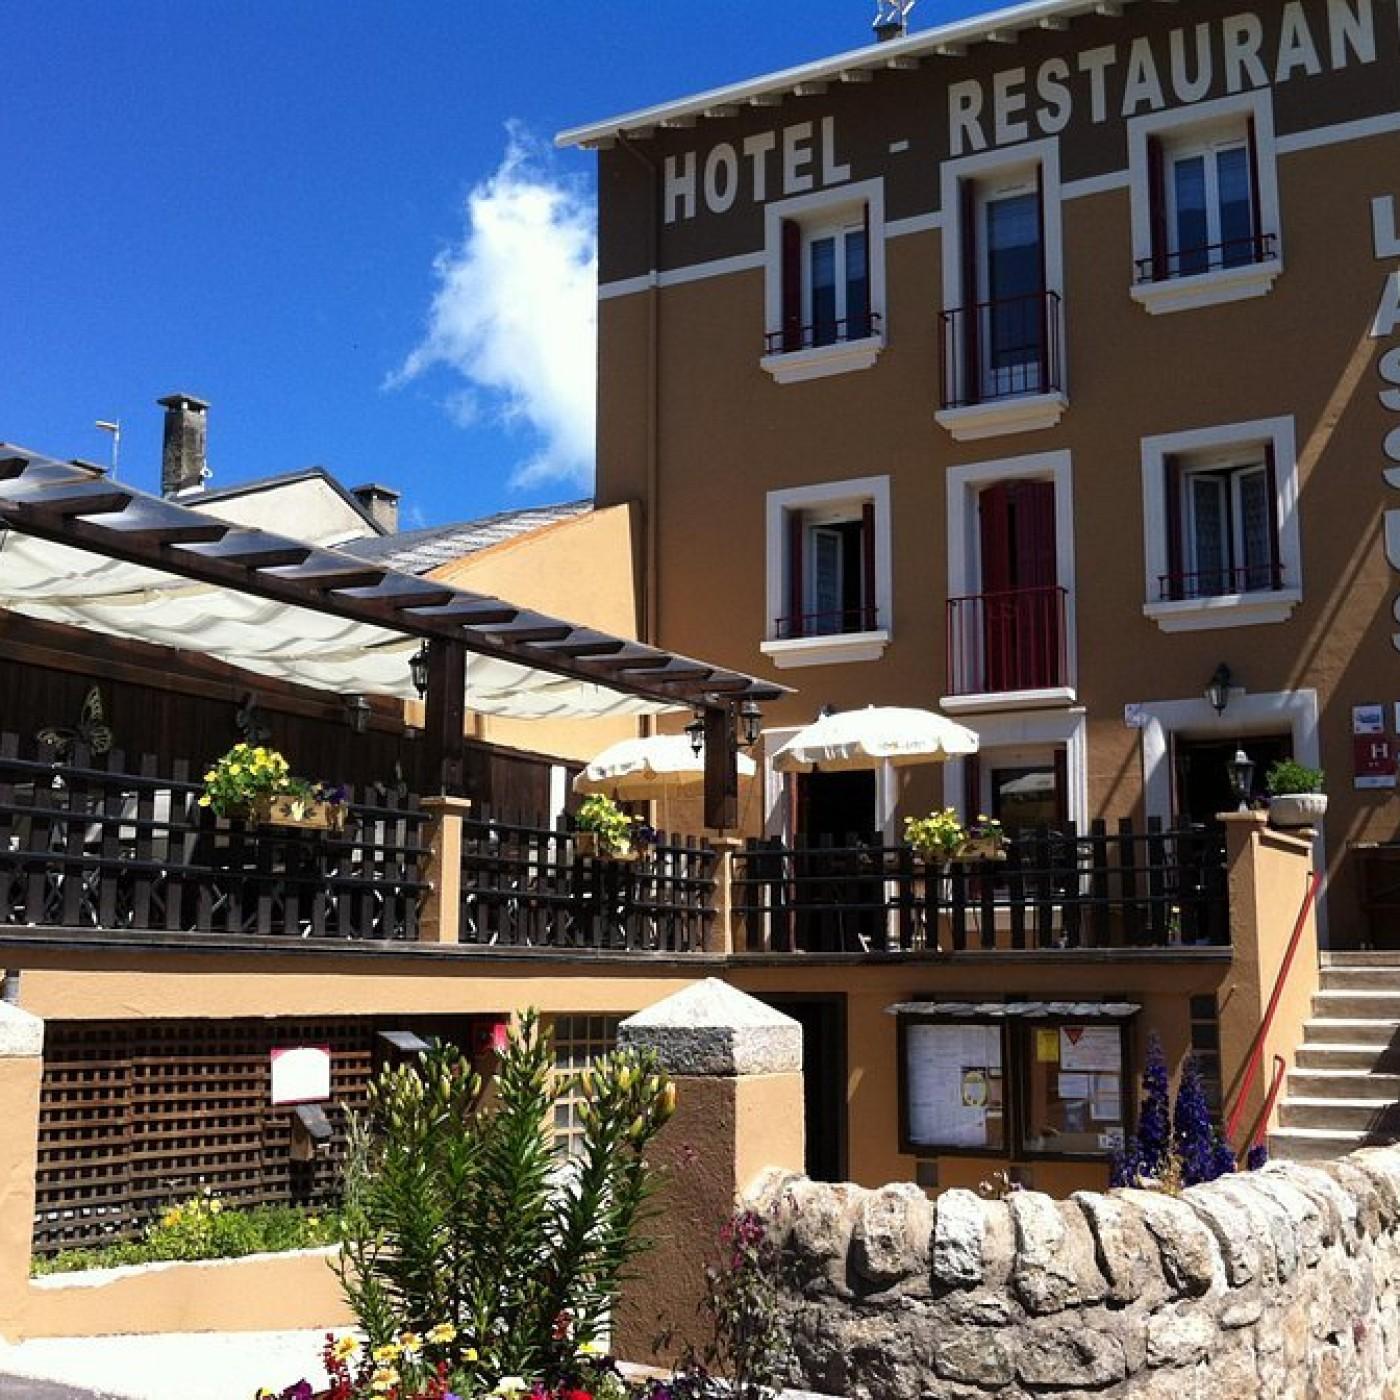 L'assiette locale : Maryline de l'hôtel-restaurant Lassus à Bolquère